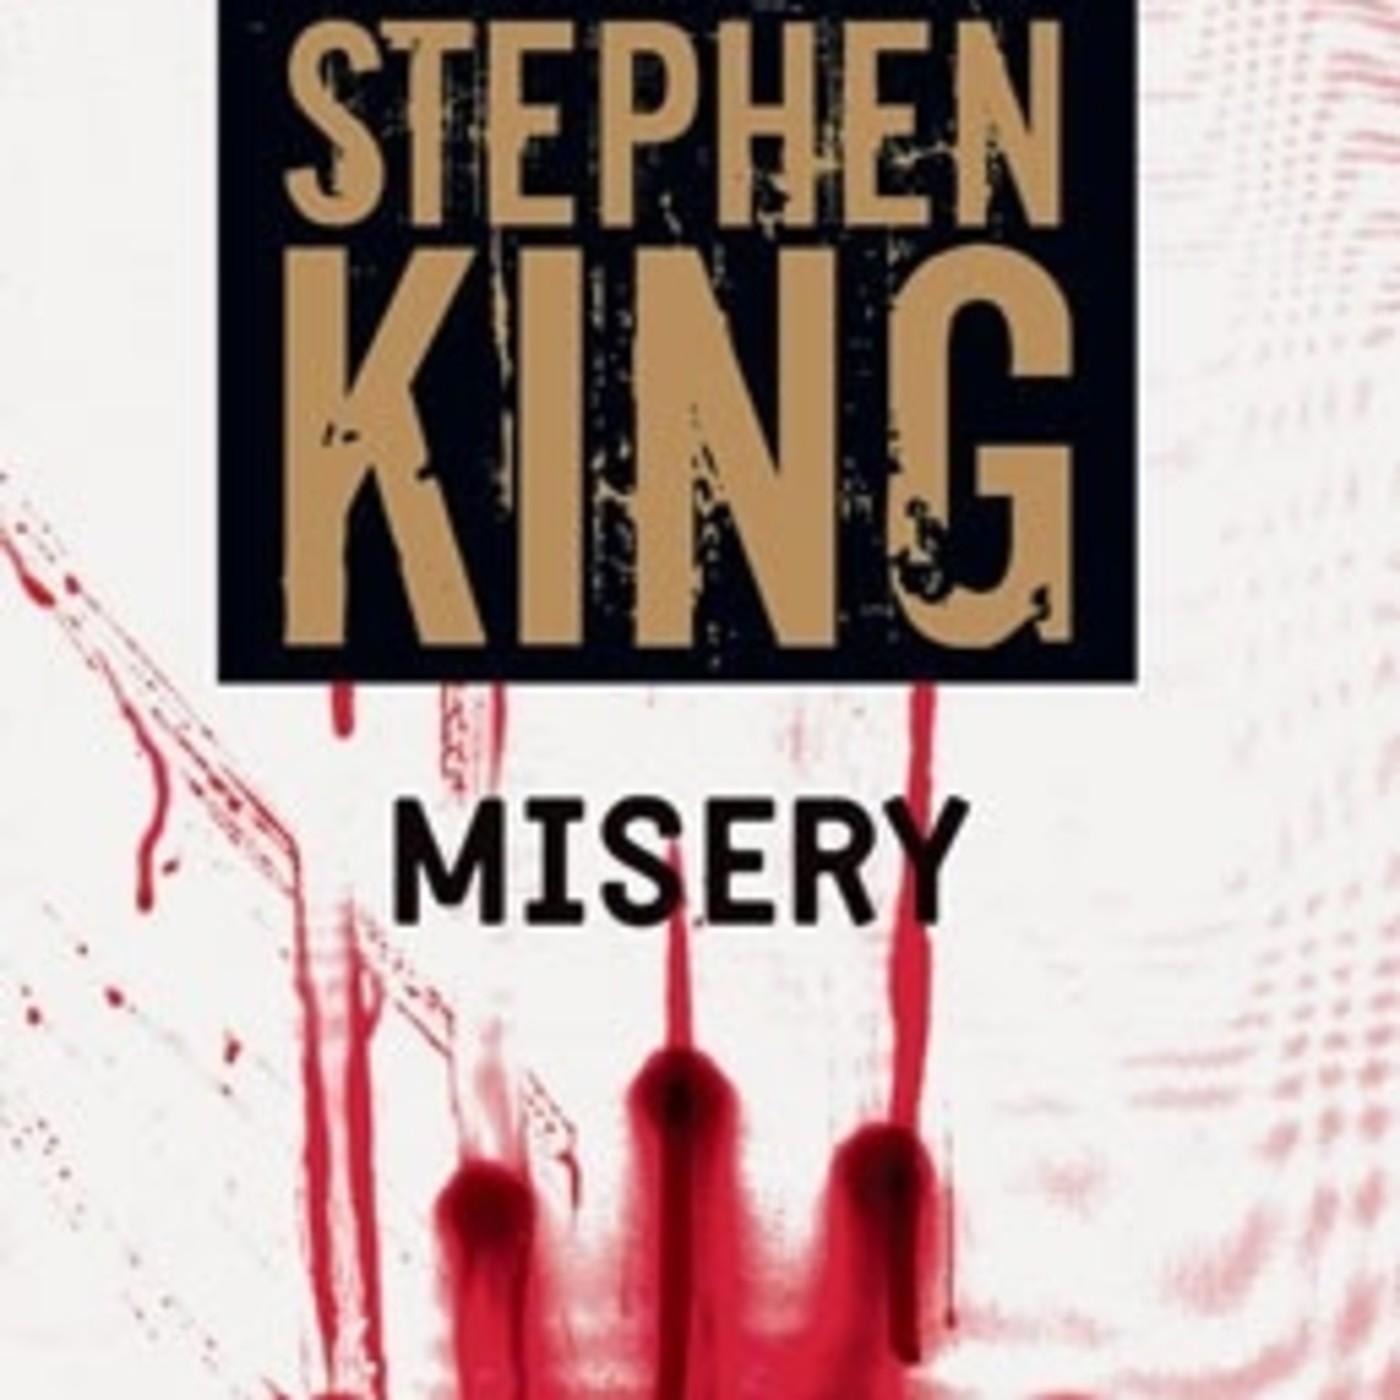 misery essays stephen king Misery Summary (Stephen King)